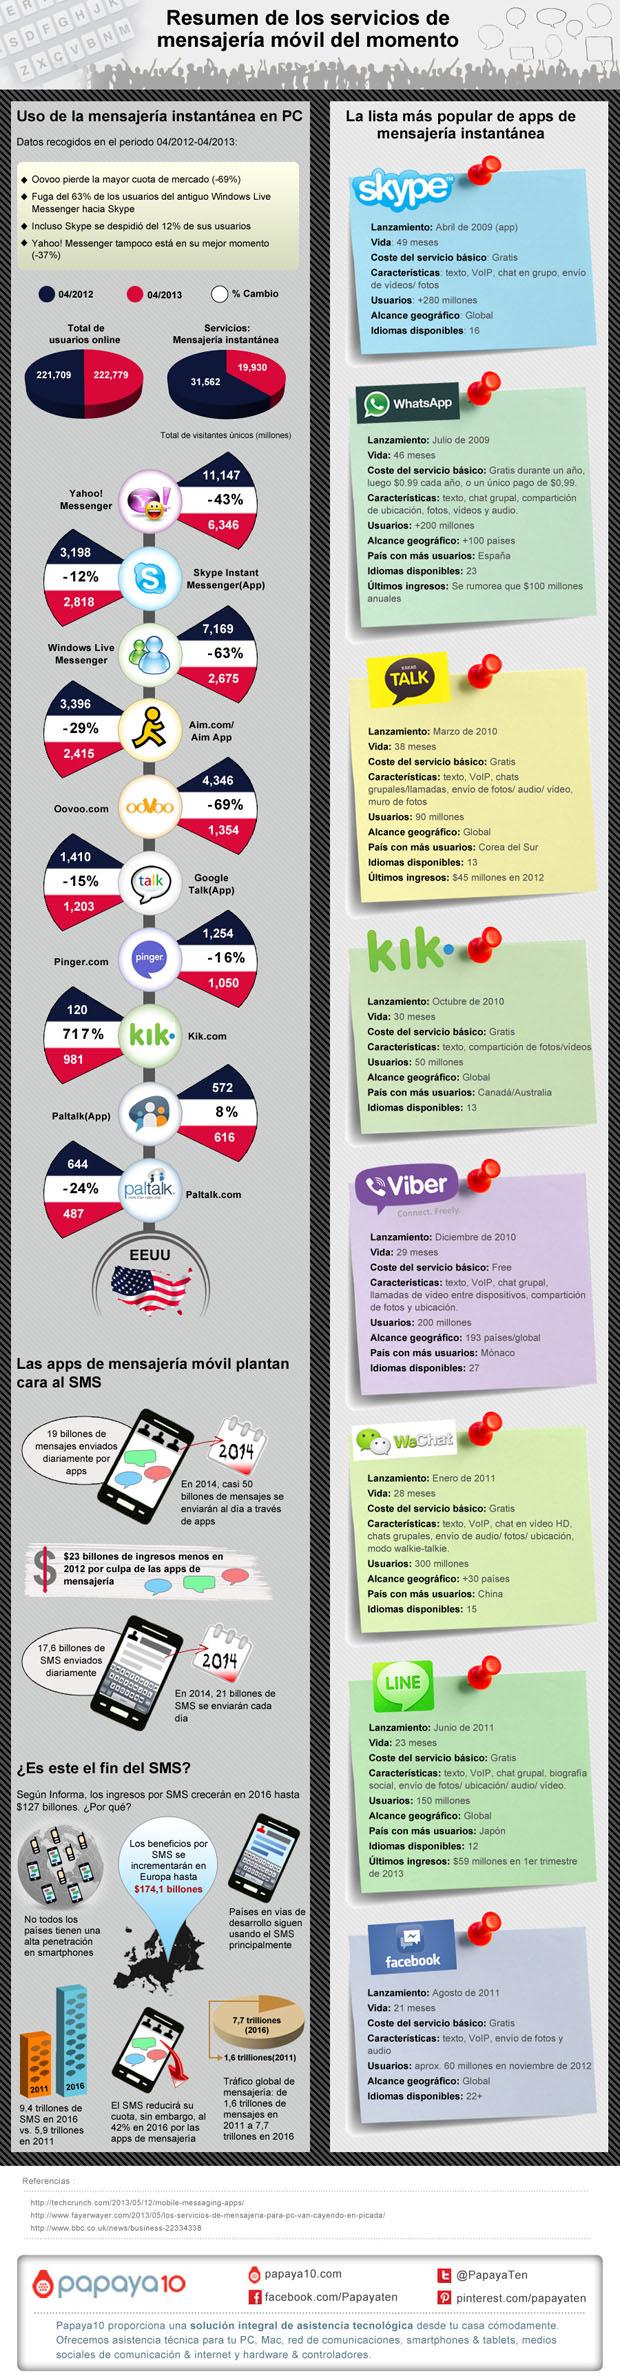 Infografia-servicios-de-mensajeria-movil